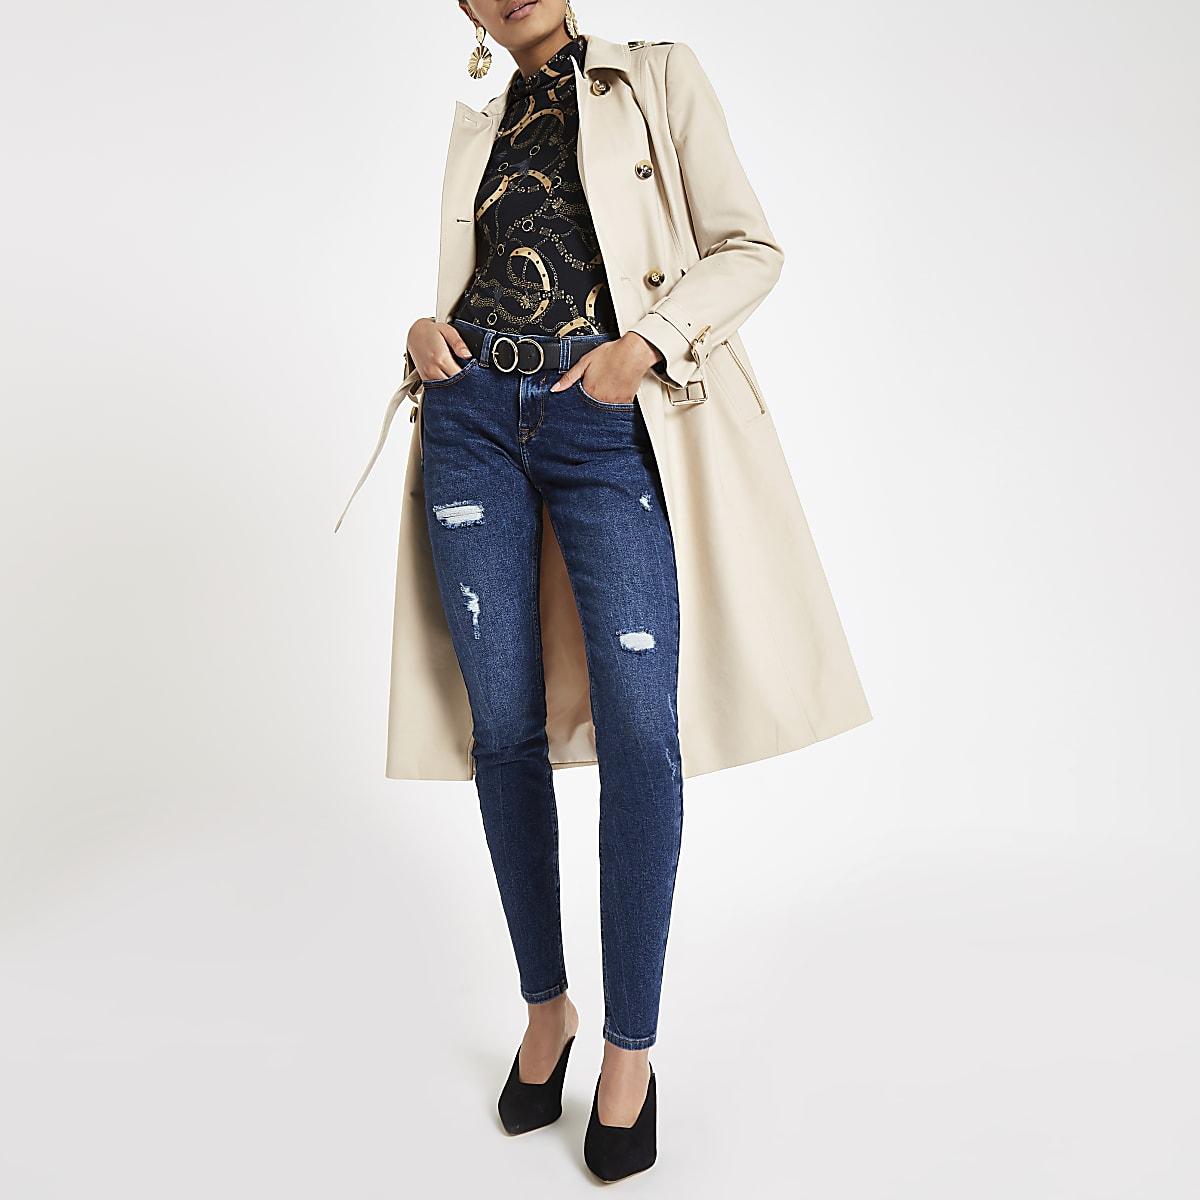 Alannah - Donkerblauwe skinny jeans met halfhoge taille